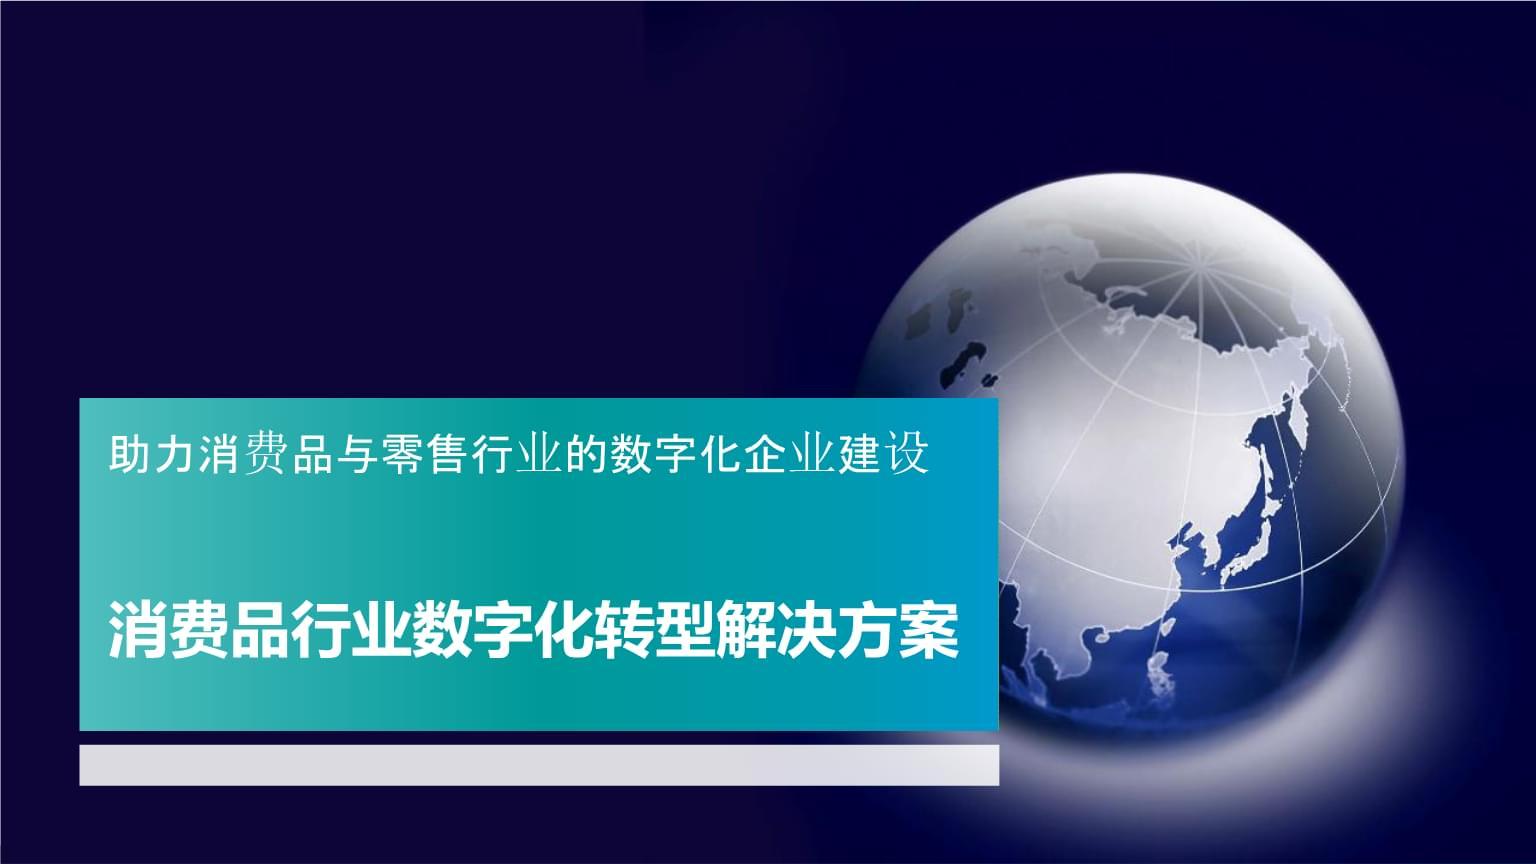 消费品行业数字化转型解决方案.pptx